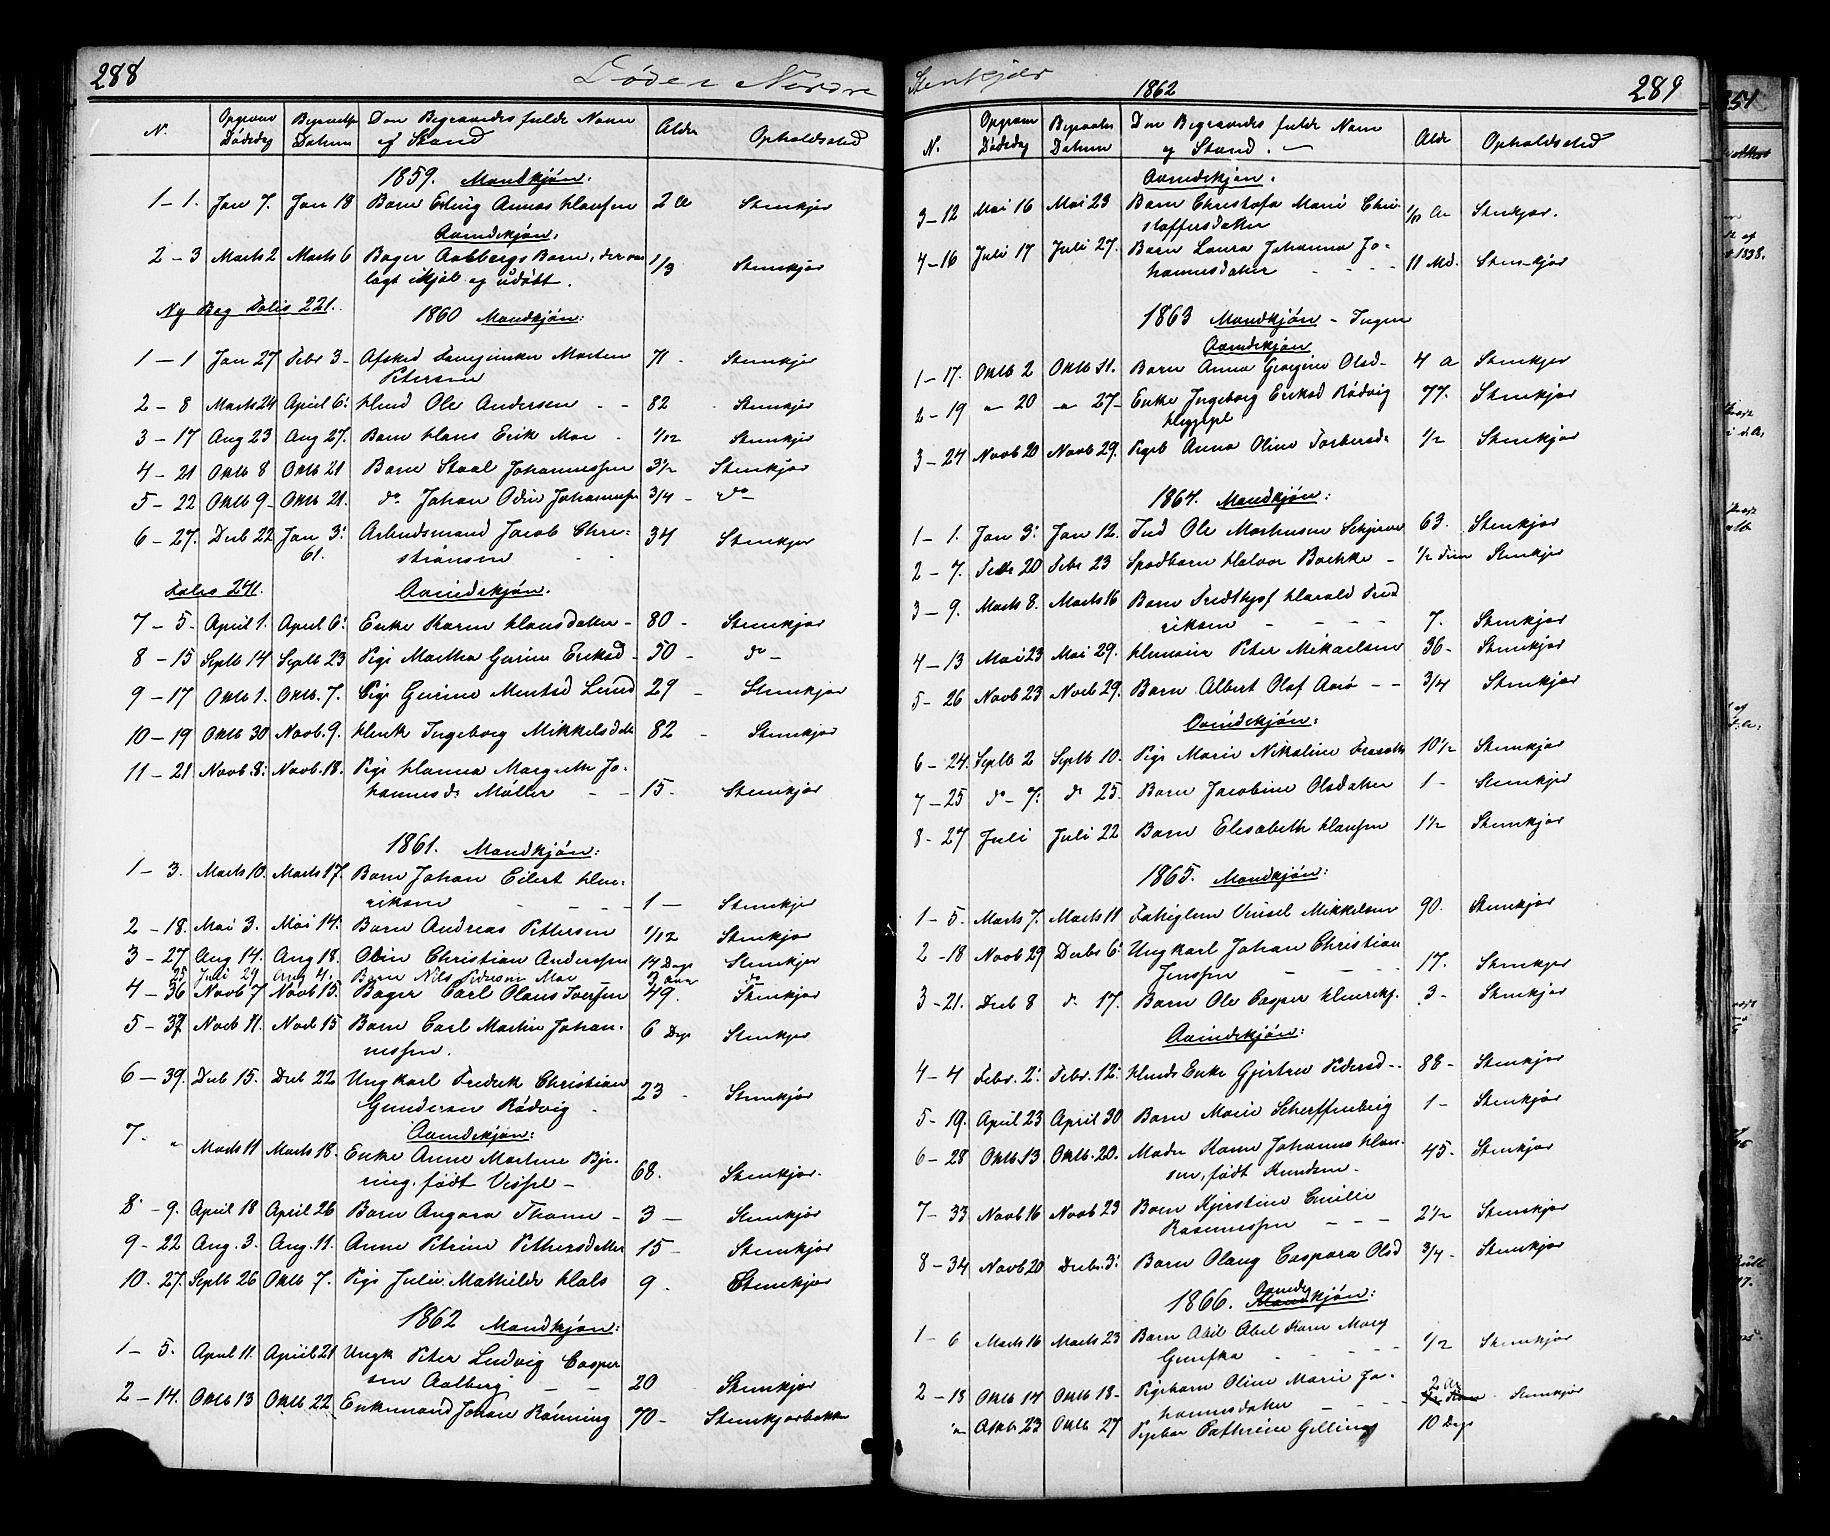 SAT, Ministerialprotokoller, klokkerbøker og fødselsregistre - Nord-Trøndelag, 739/L0367: Ministerialbok nr. 739A01 /2, 1838-1868, s. 288-289